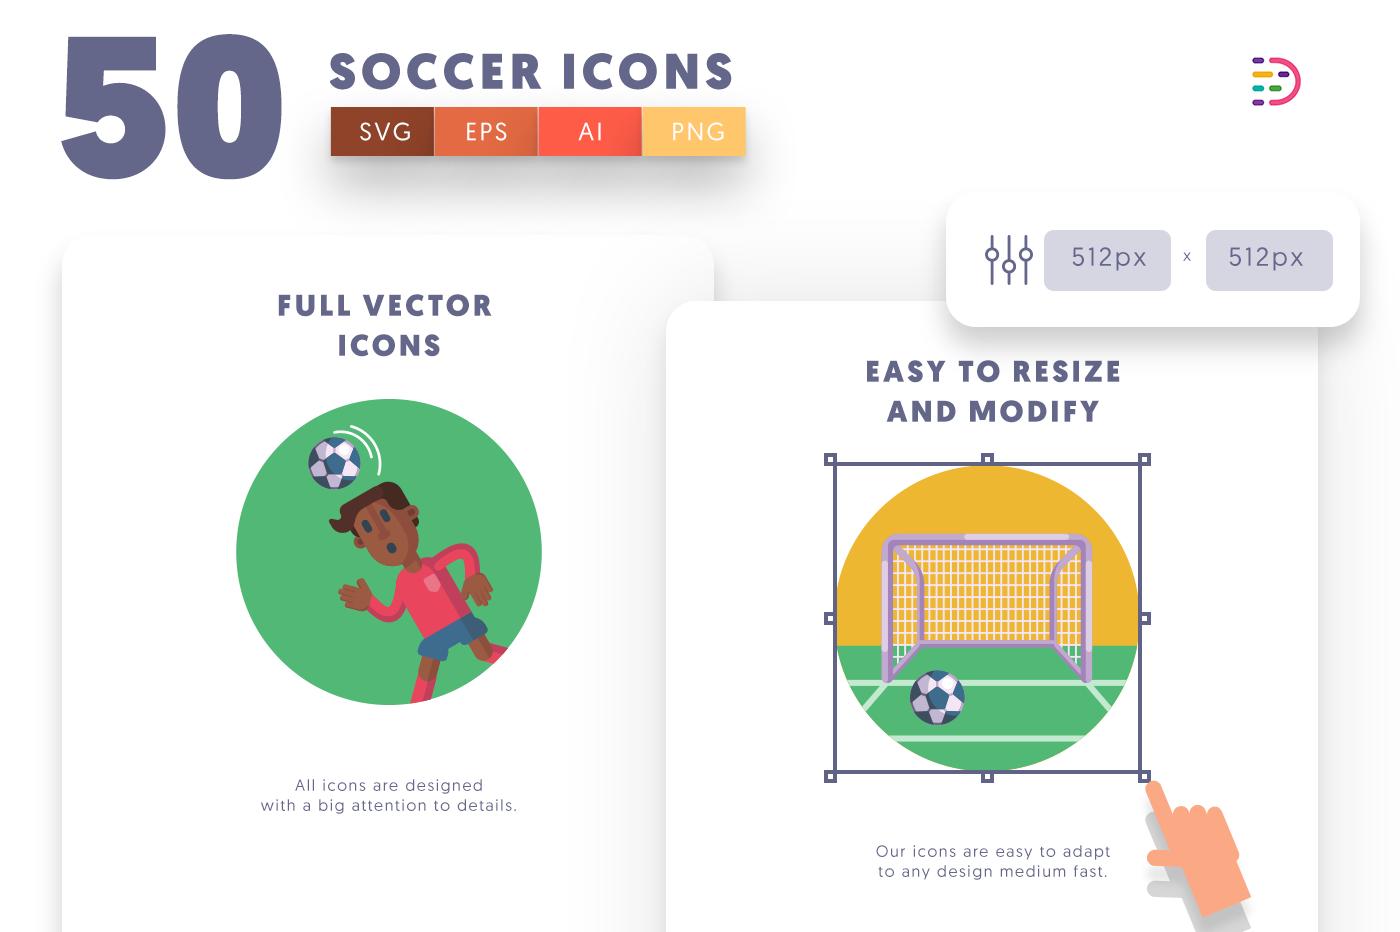 Full vector 50Soccer Icons